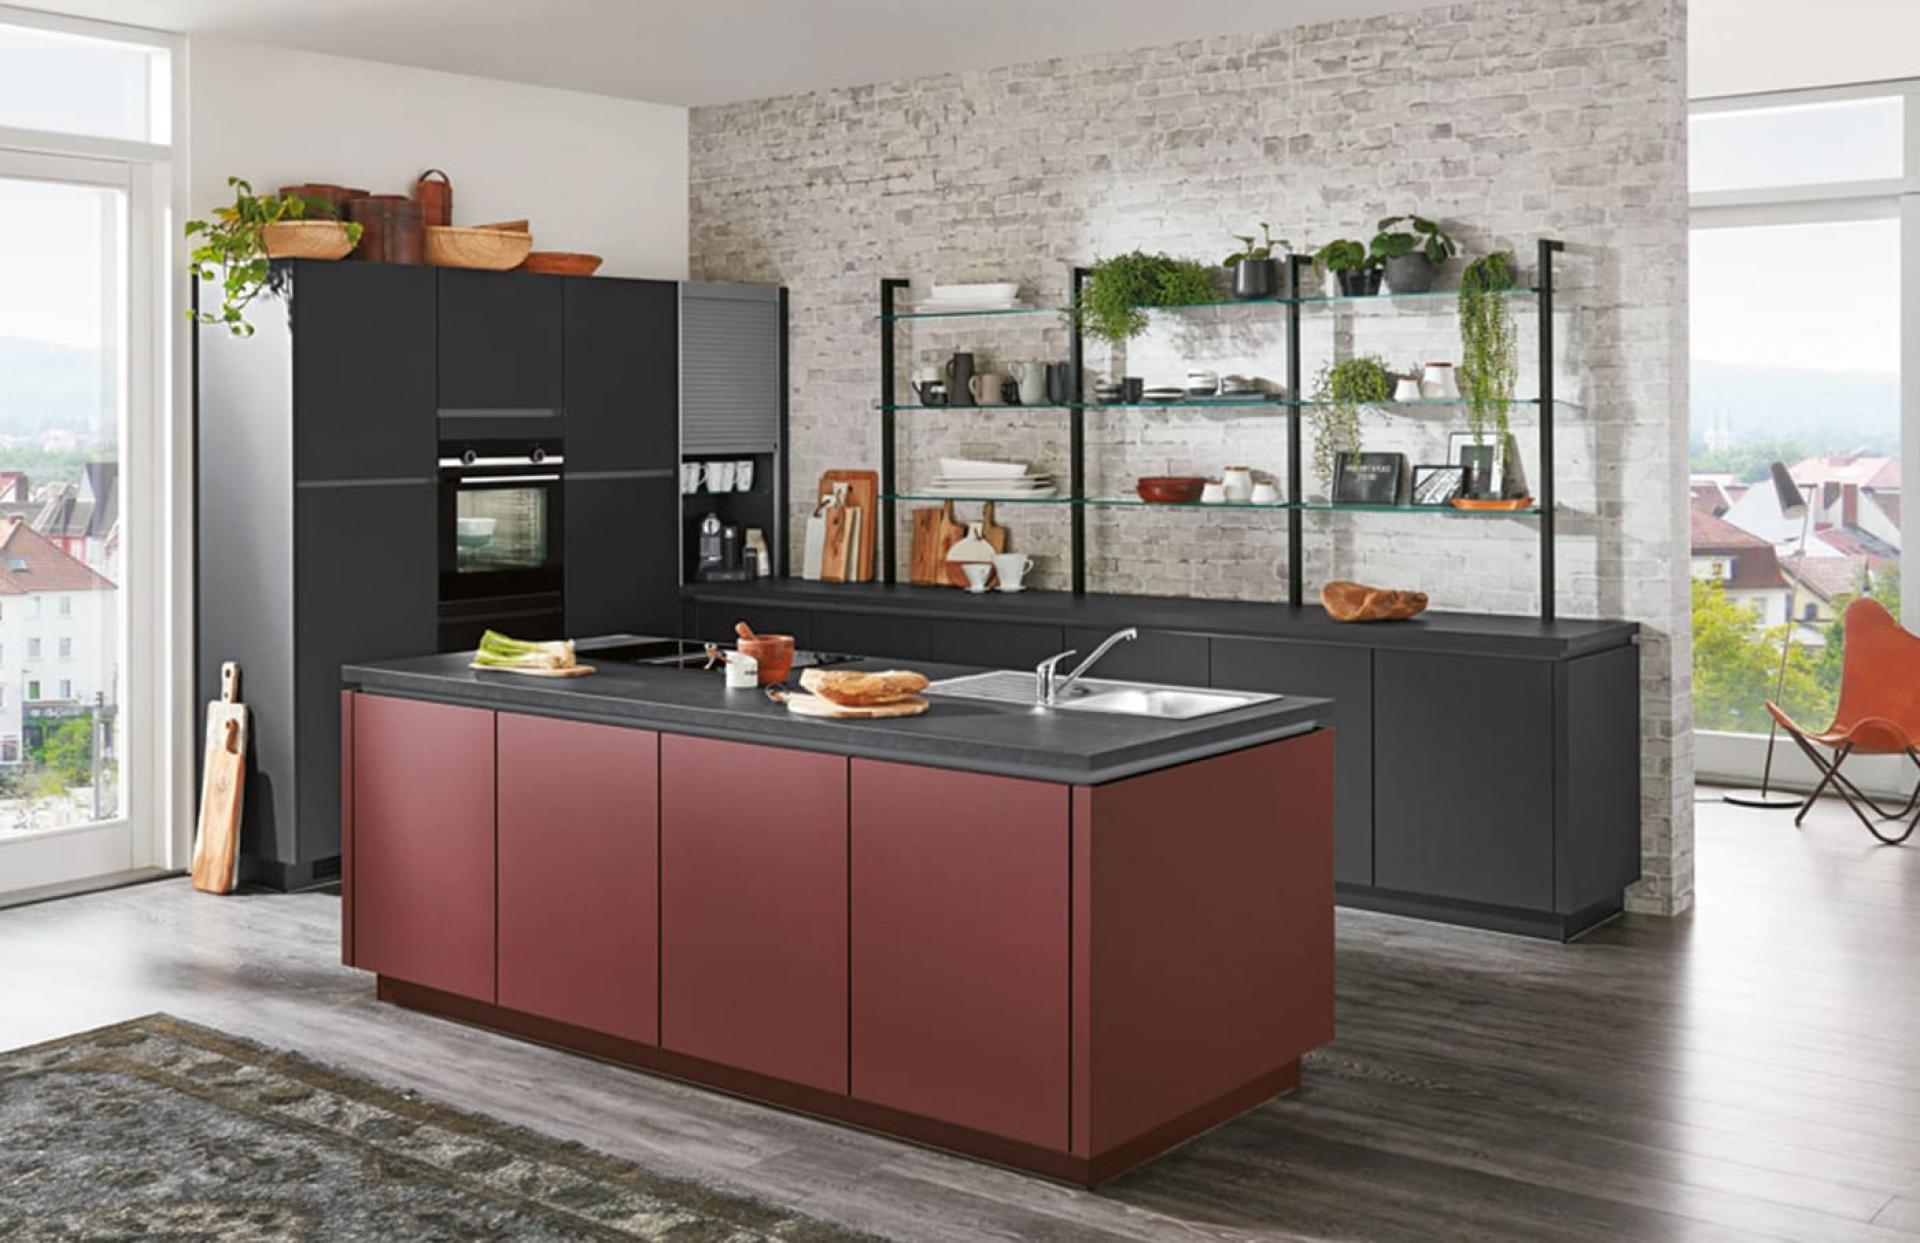 Möbel & Küchen Wannenwetsch - Küchen